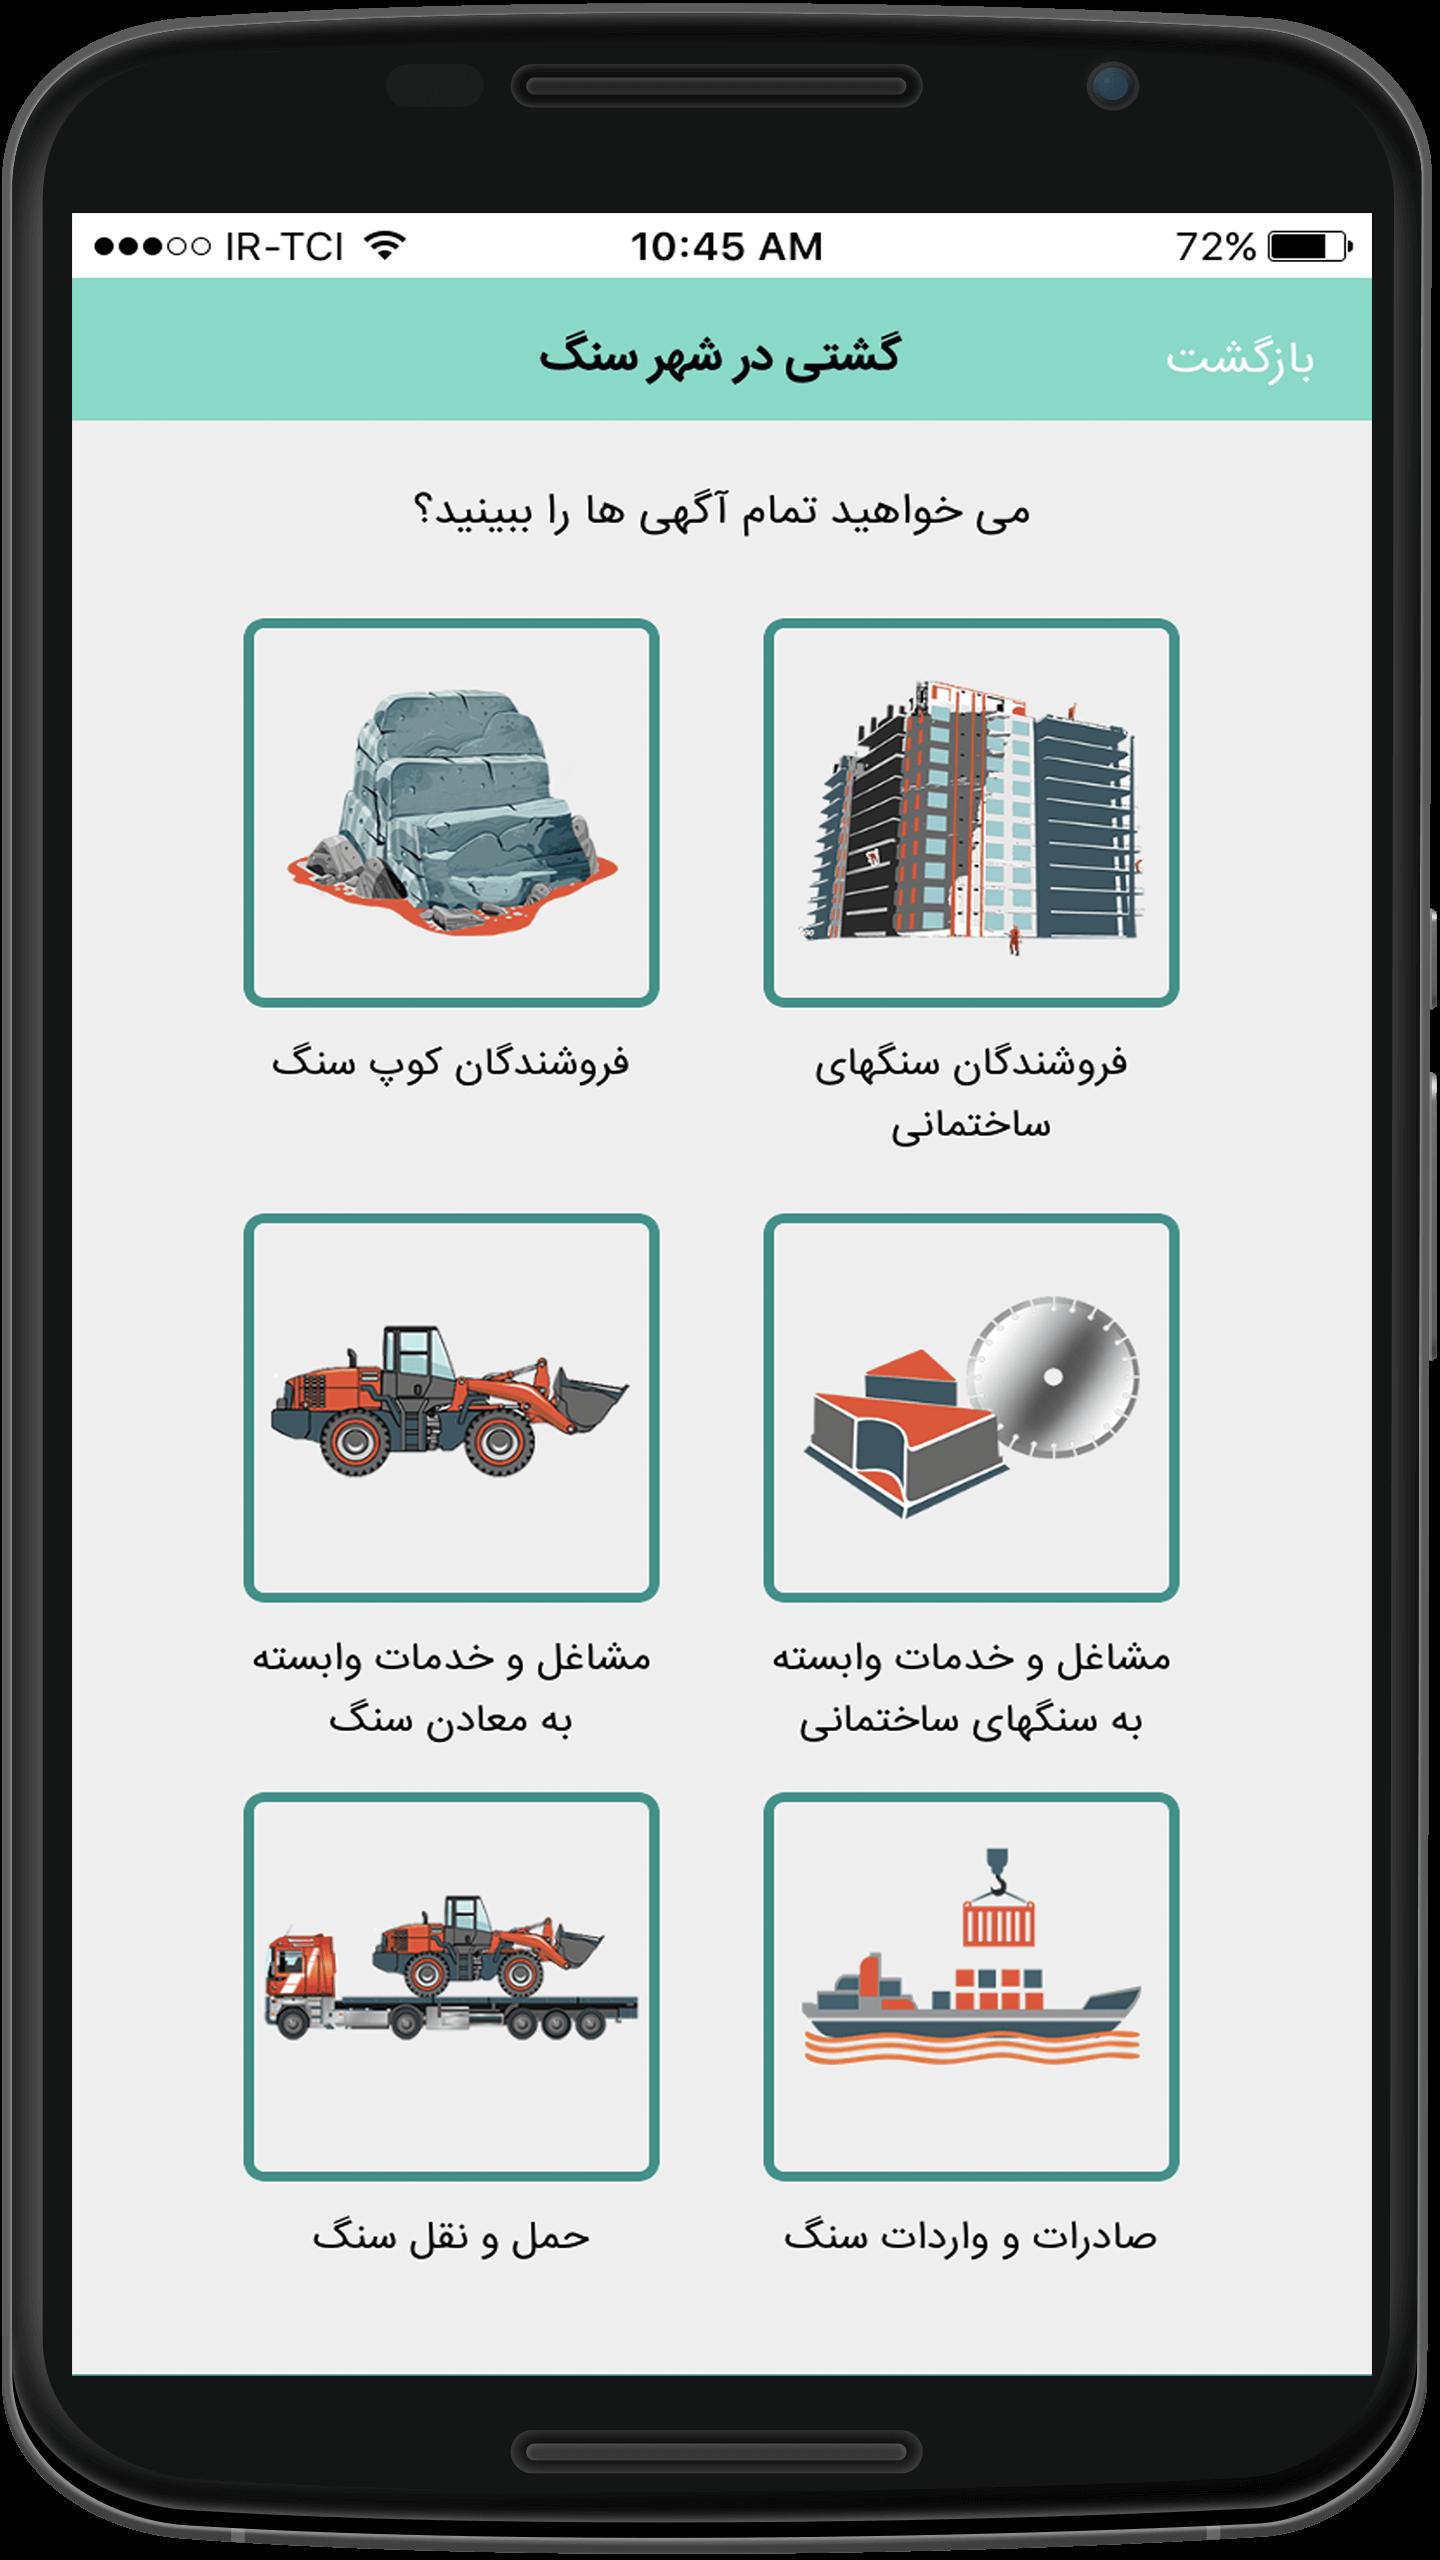 فروش سنگ   خرید سنگ   معدن سنگ   صادرات سنگ   اپلیکیشن شهر سنگ